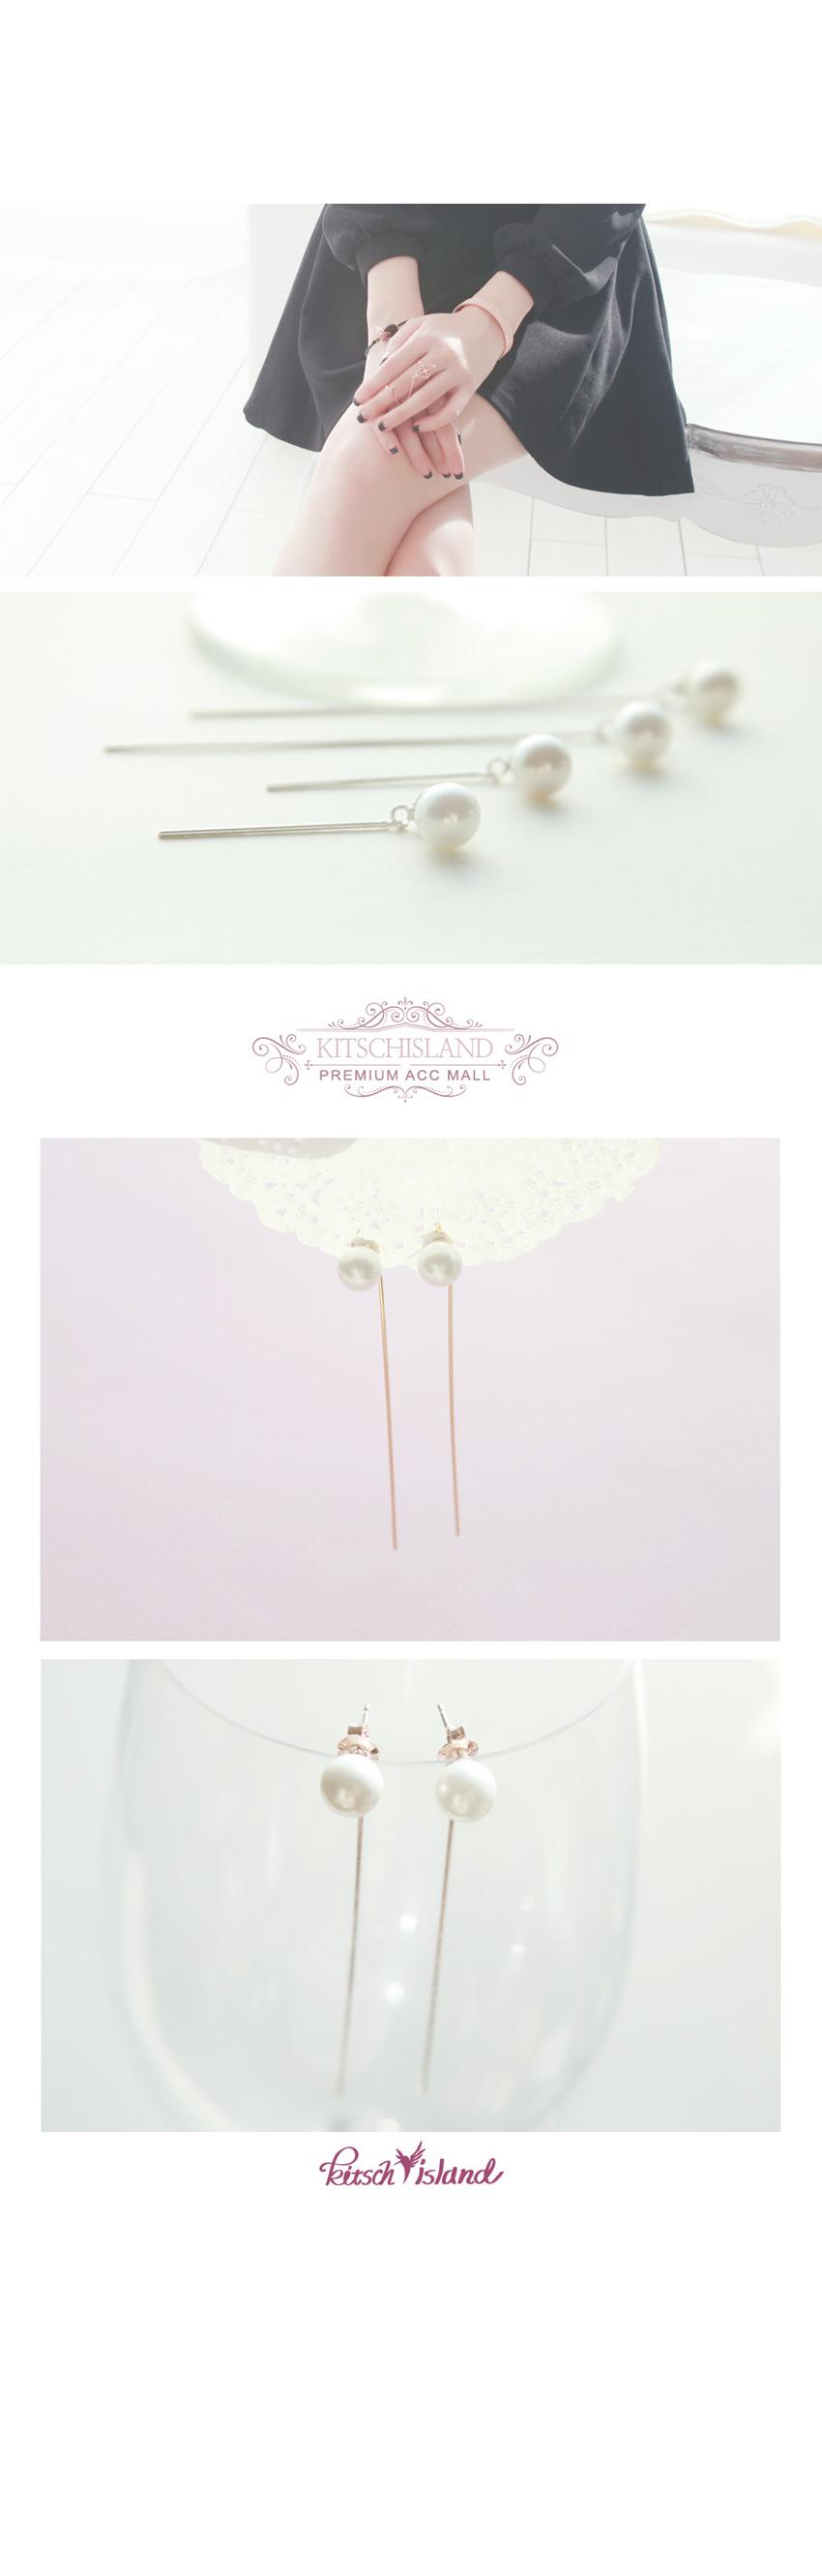 진주 스트레이트 클러치 귀걸이 3cm 7cm 전체 프레임 은(Silver) 92.5 - 키치아일랜드, 13,000원, 실버, 드롭귀걸이